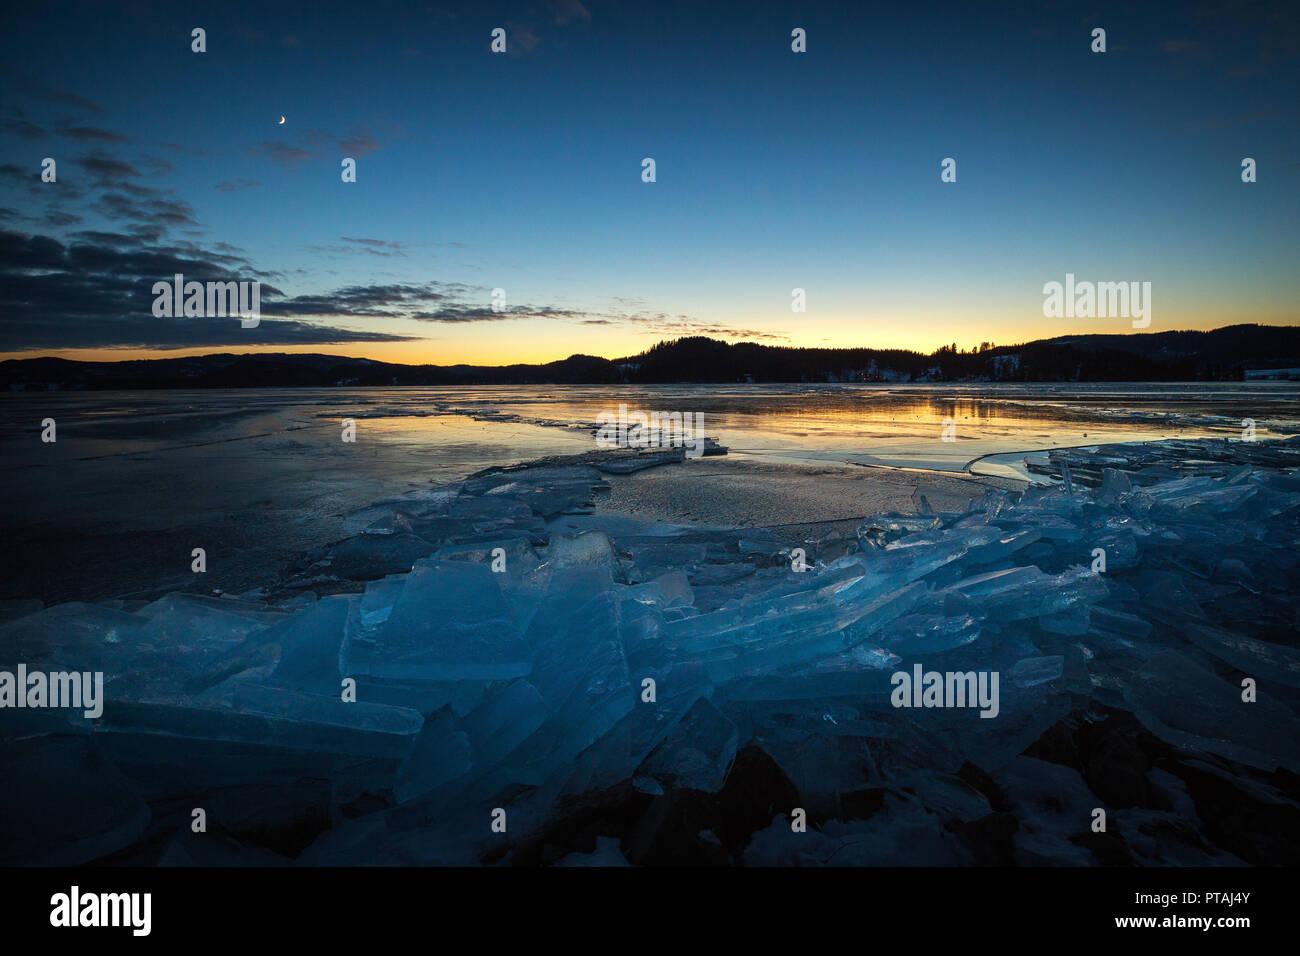 Copertura di ghiaccio congelato sul lago Jonsvatnet vicino a Trondheim, Norvegia. Immagini Stock